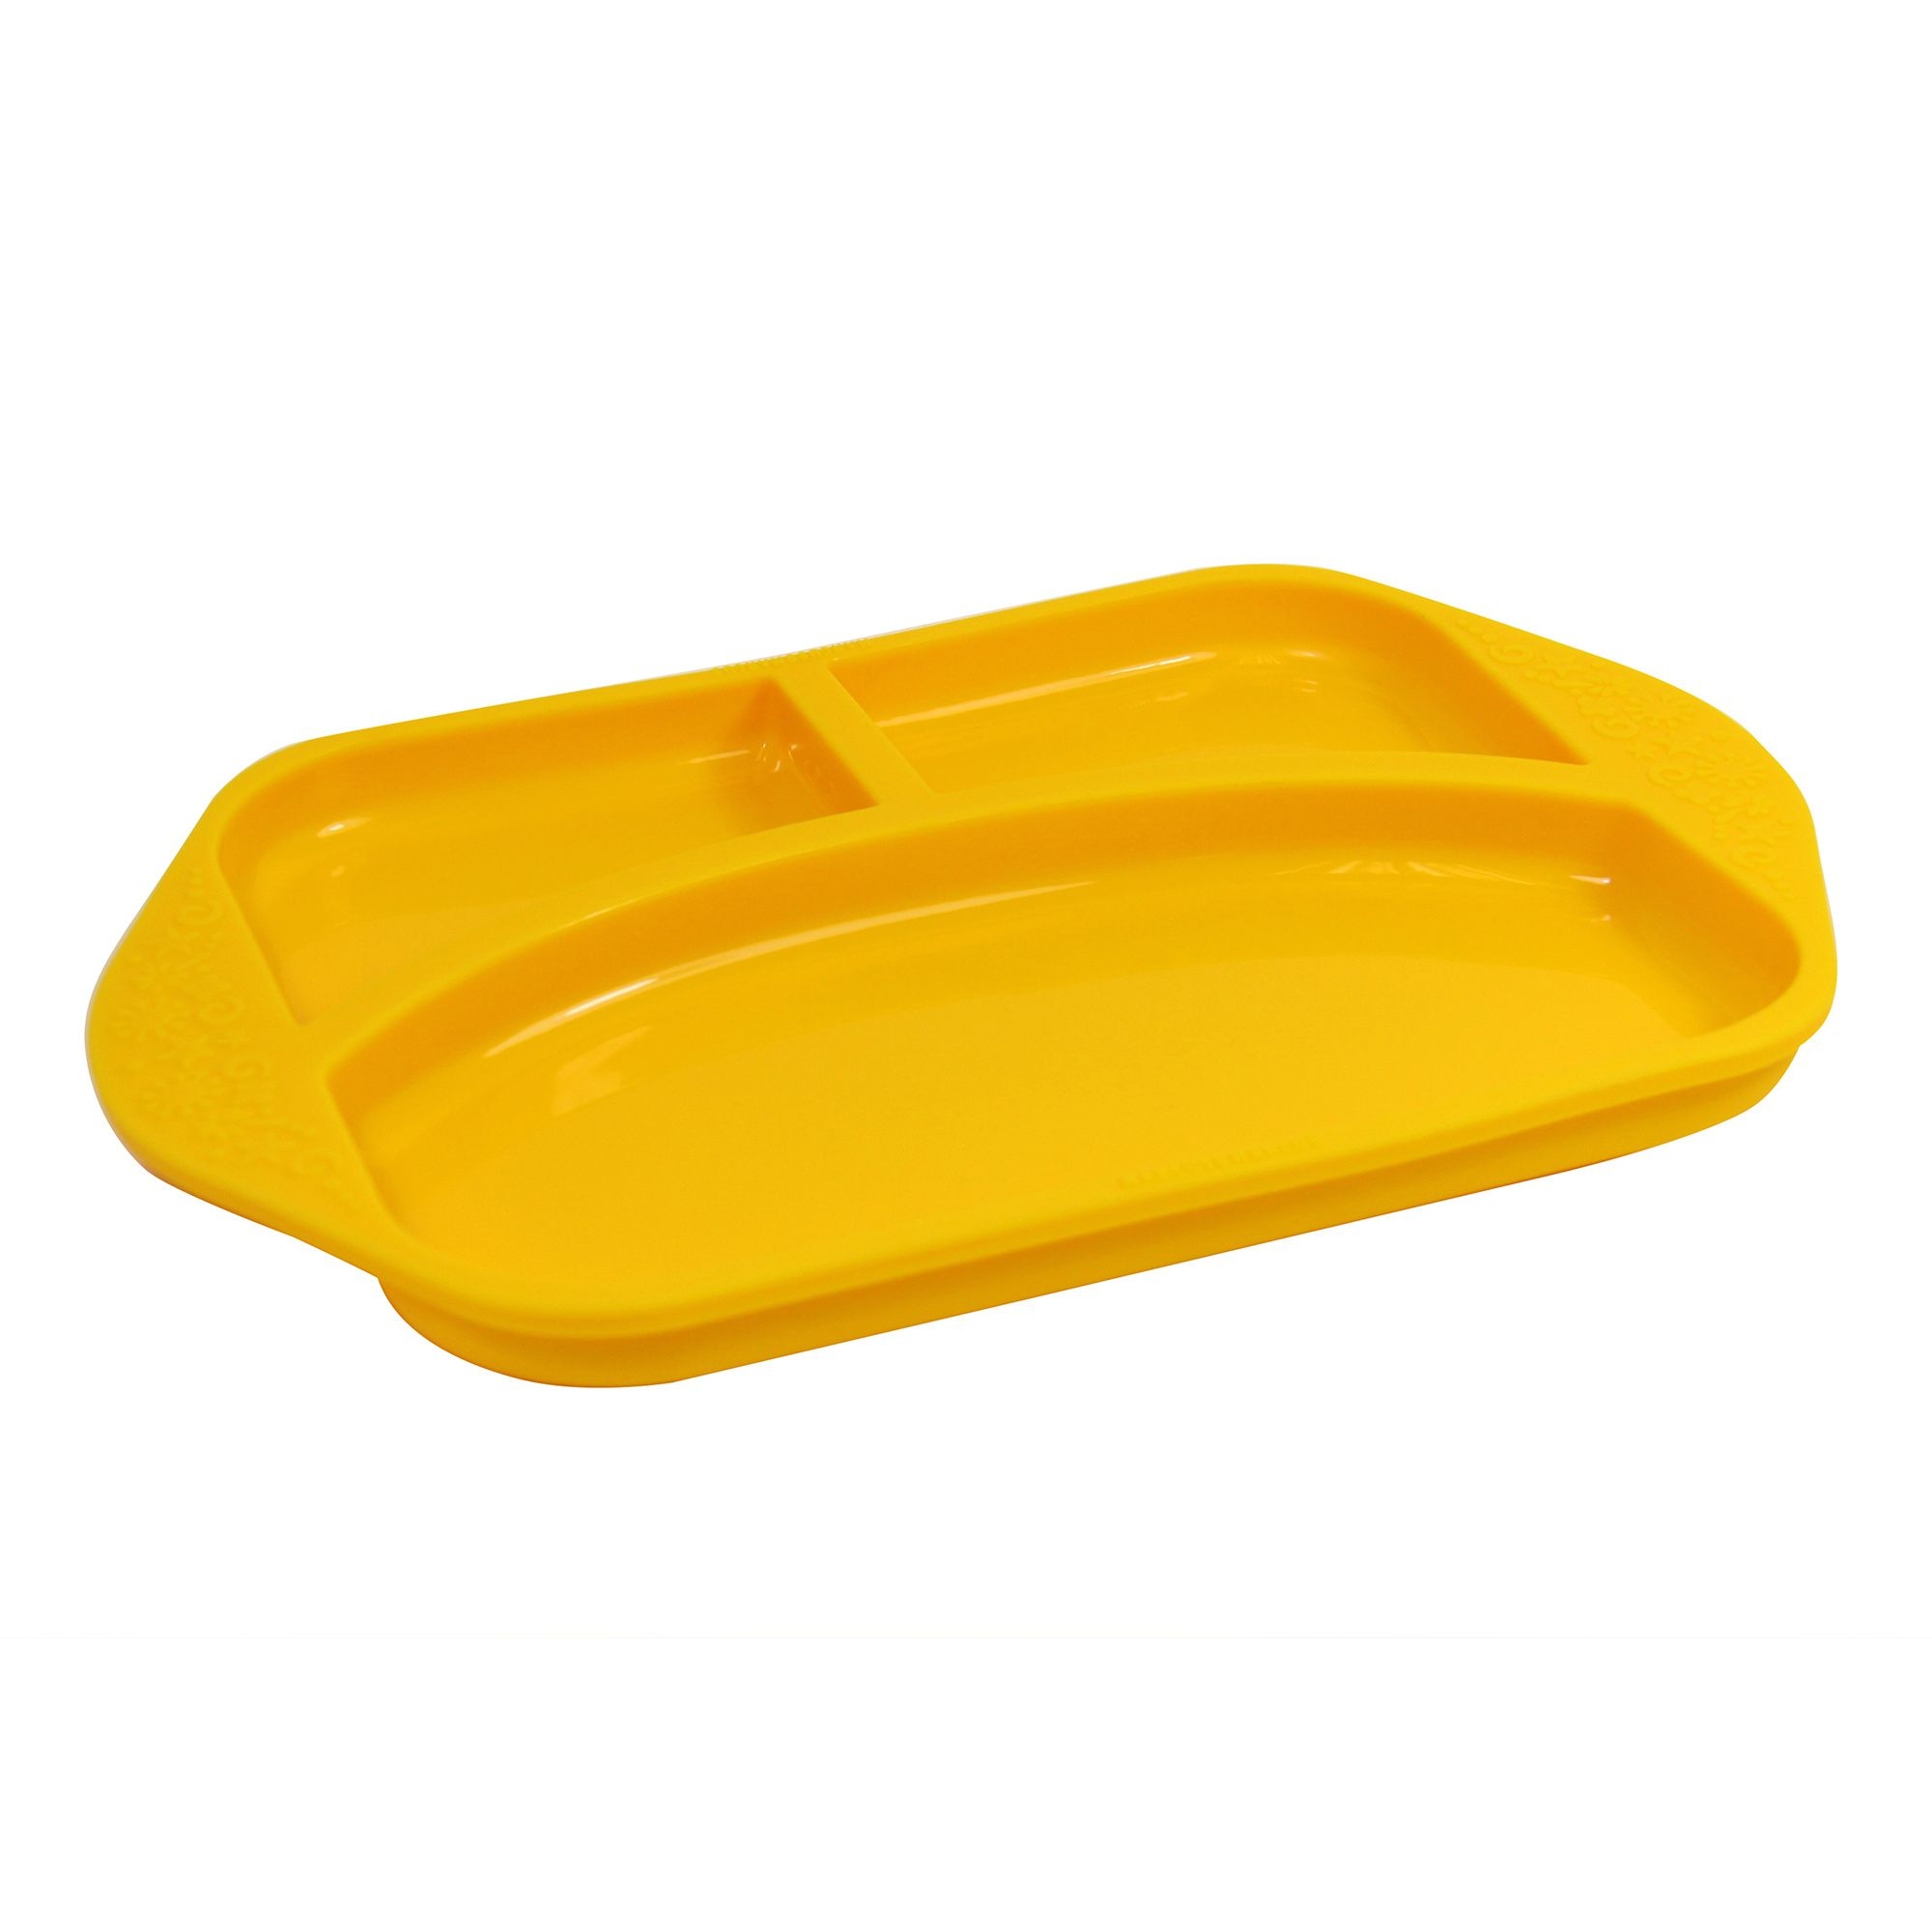 Prato com Divisória em Silicone - Amarelo